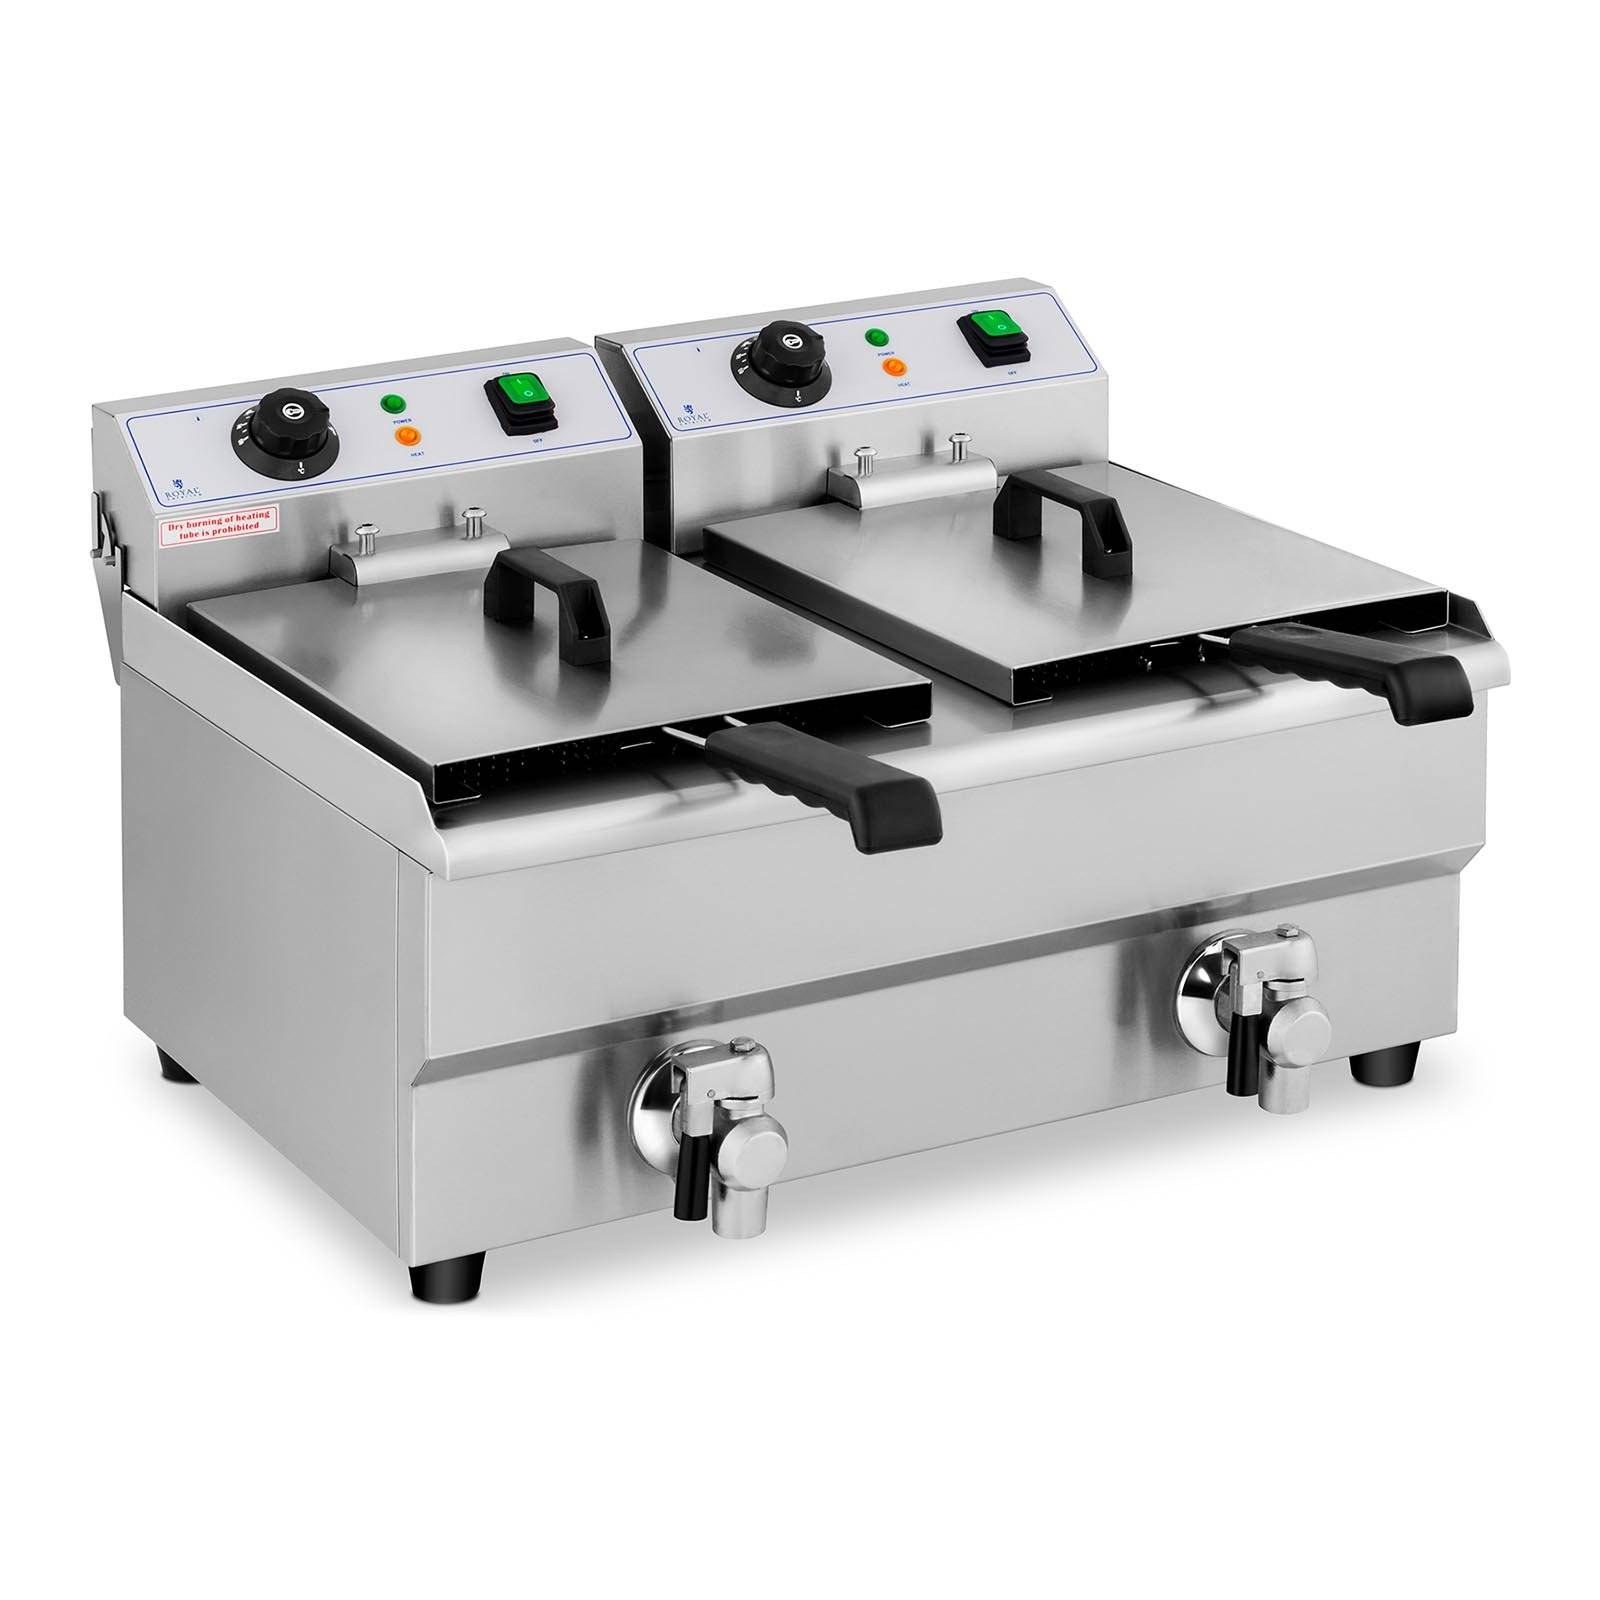 Royal Catering Friteuse électrique - 2 x 10 litres - Robinets de vidange RCEF 10DB